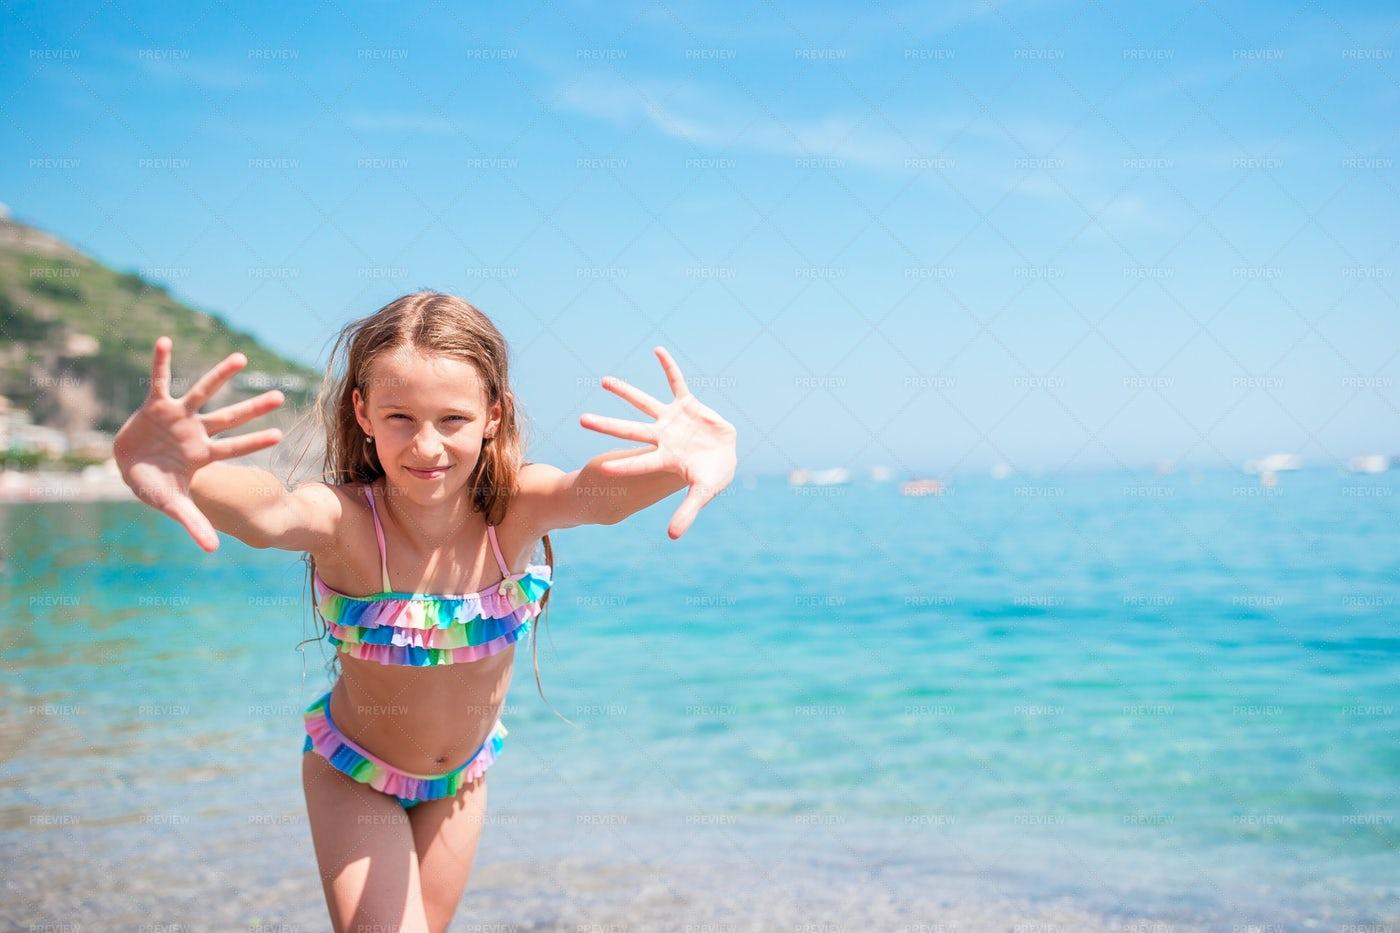 Girl On Summer Beach: Stock Photos